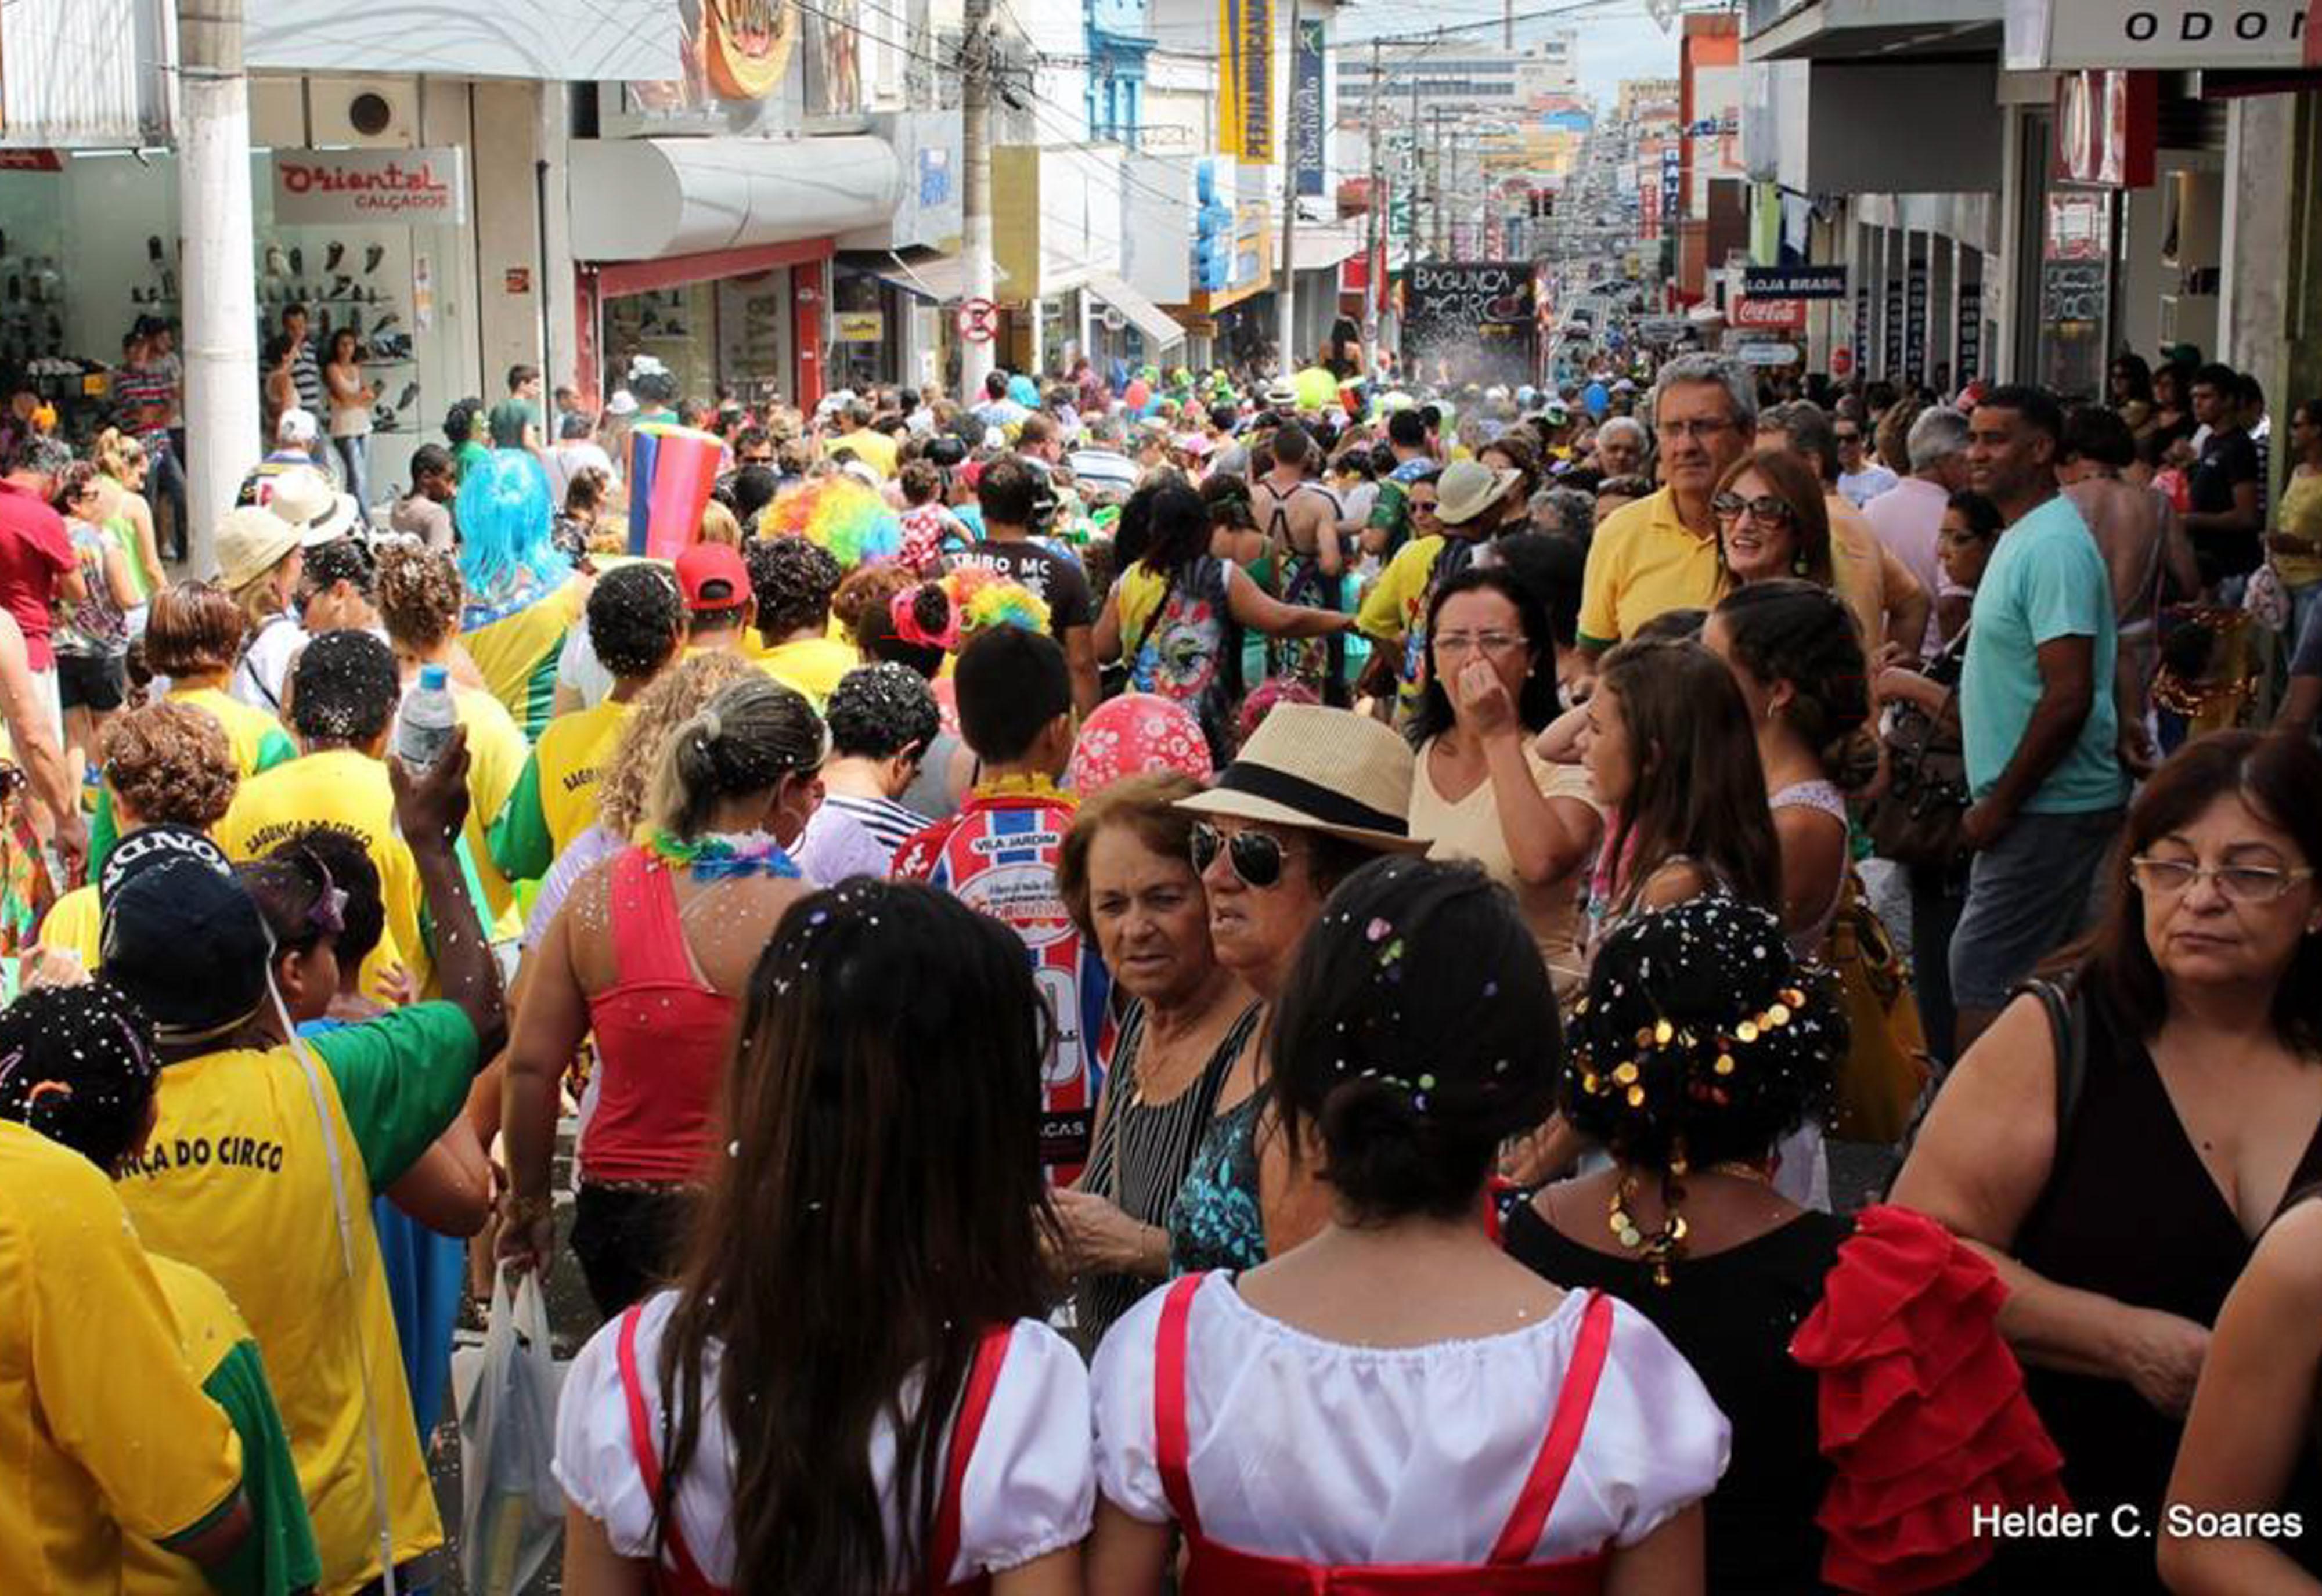 Pré-Carnaval: veja dicas para curtir sem causar danos à saúde